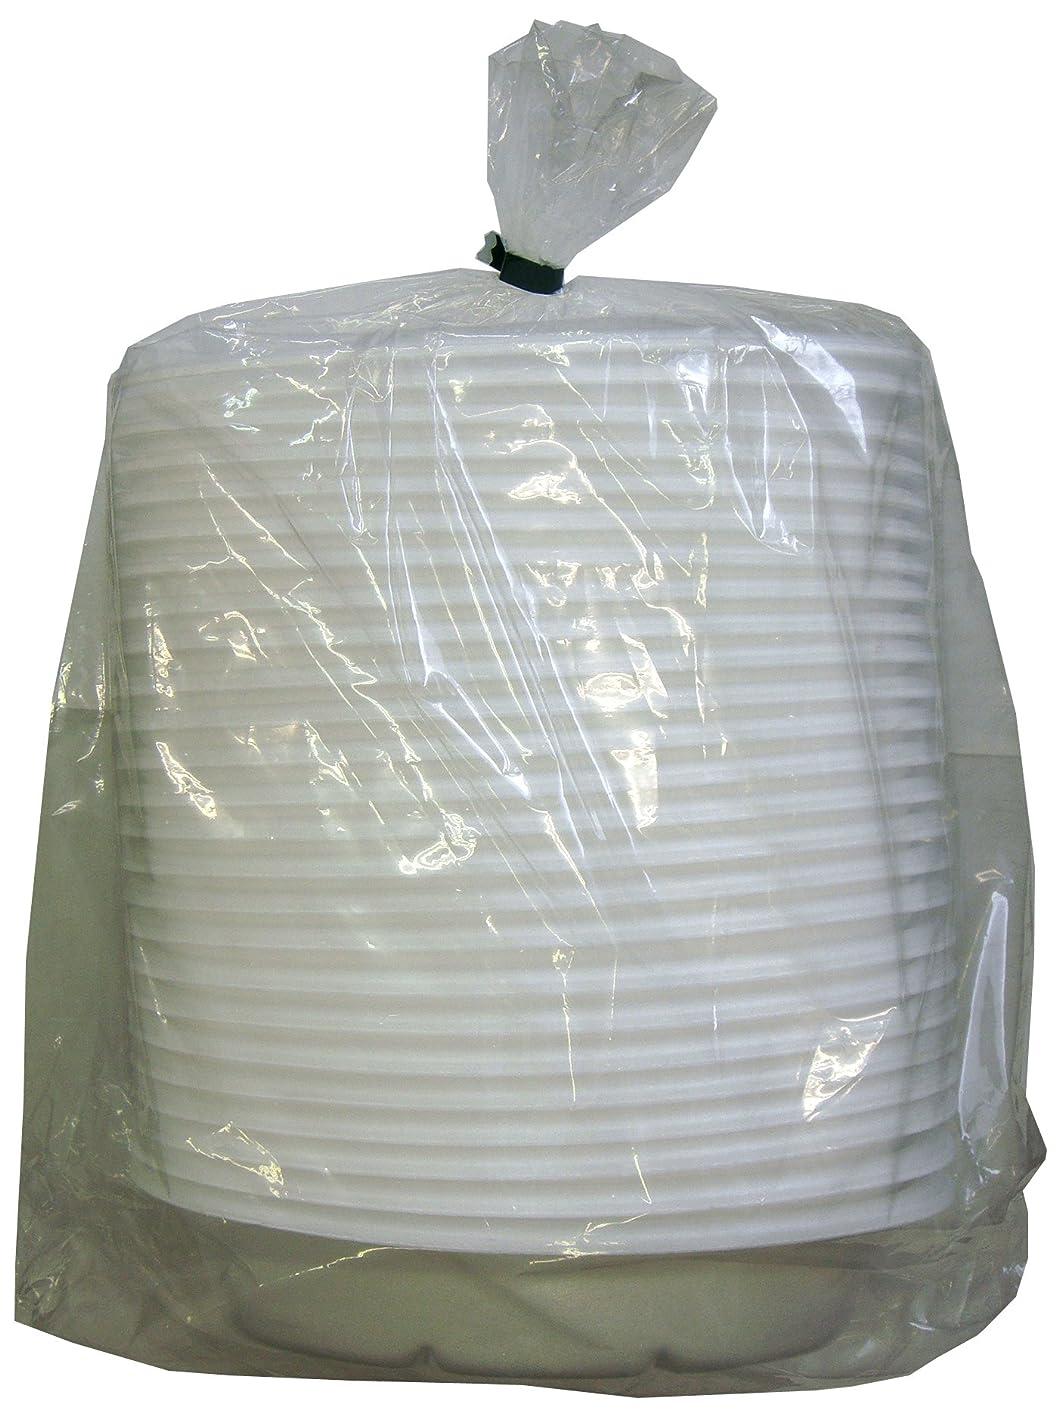 柱シンポジウムくま大和物産 使い捨て皿 発泡カレー皿 25P